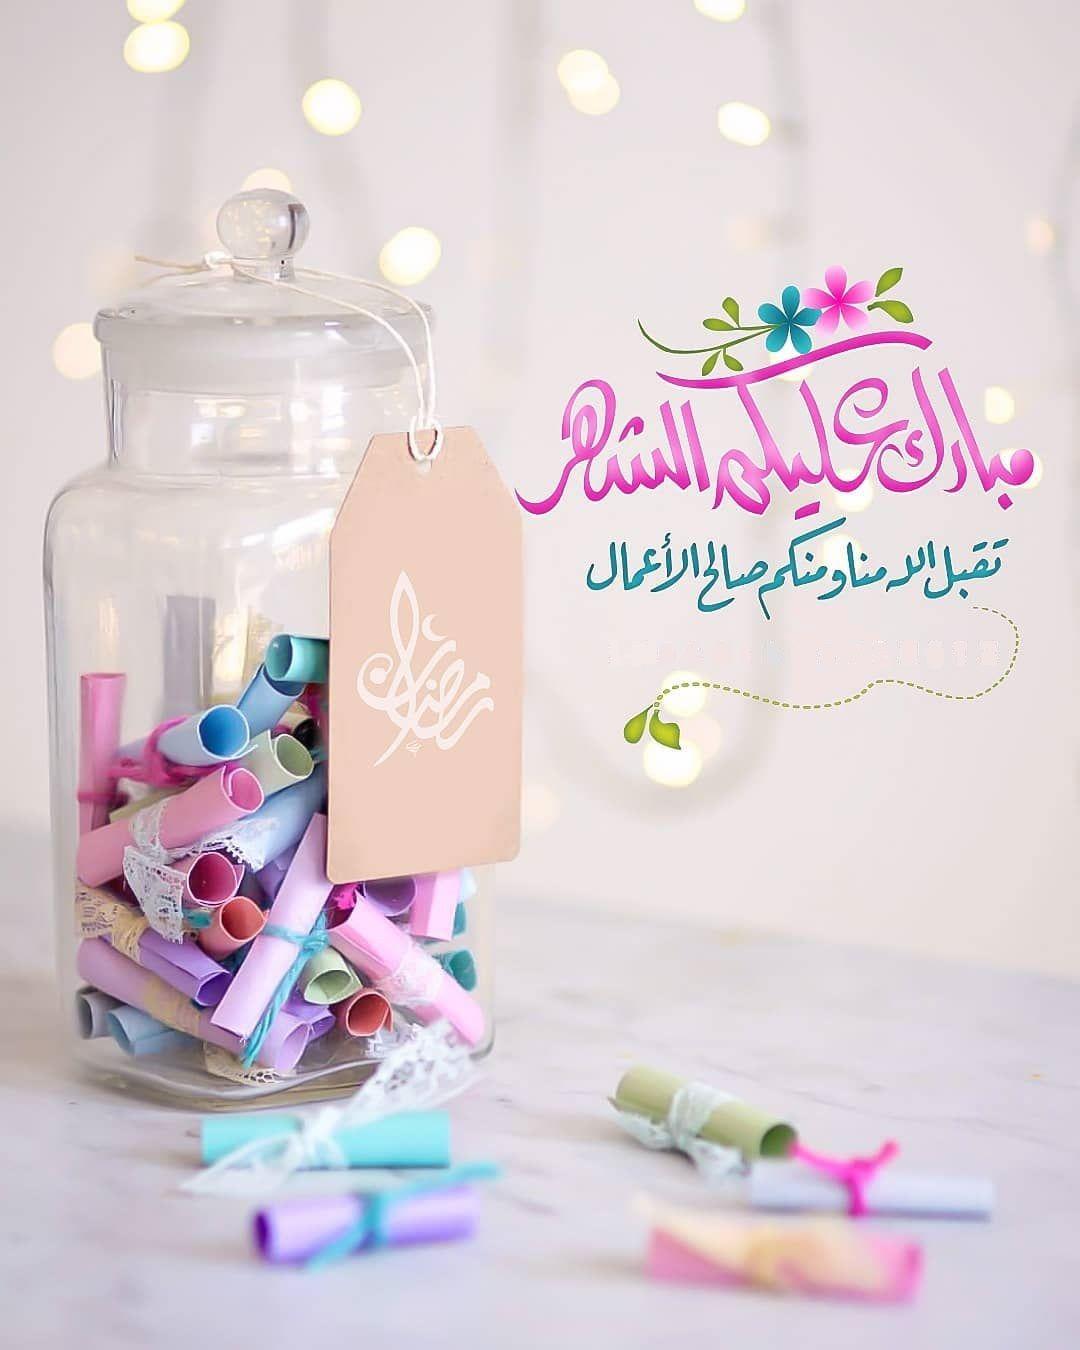 Pin By Shima Ali On براويز Ramadan Decorations Ramadan Quotes Ramadan Kareem